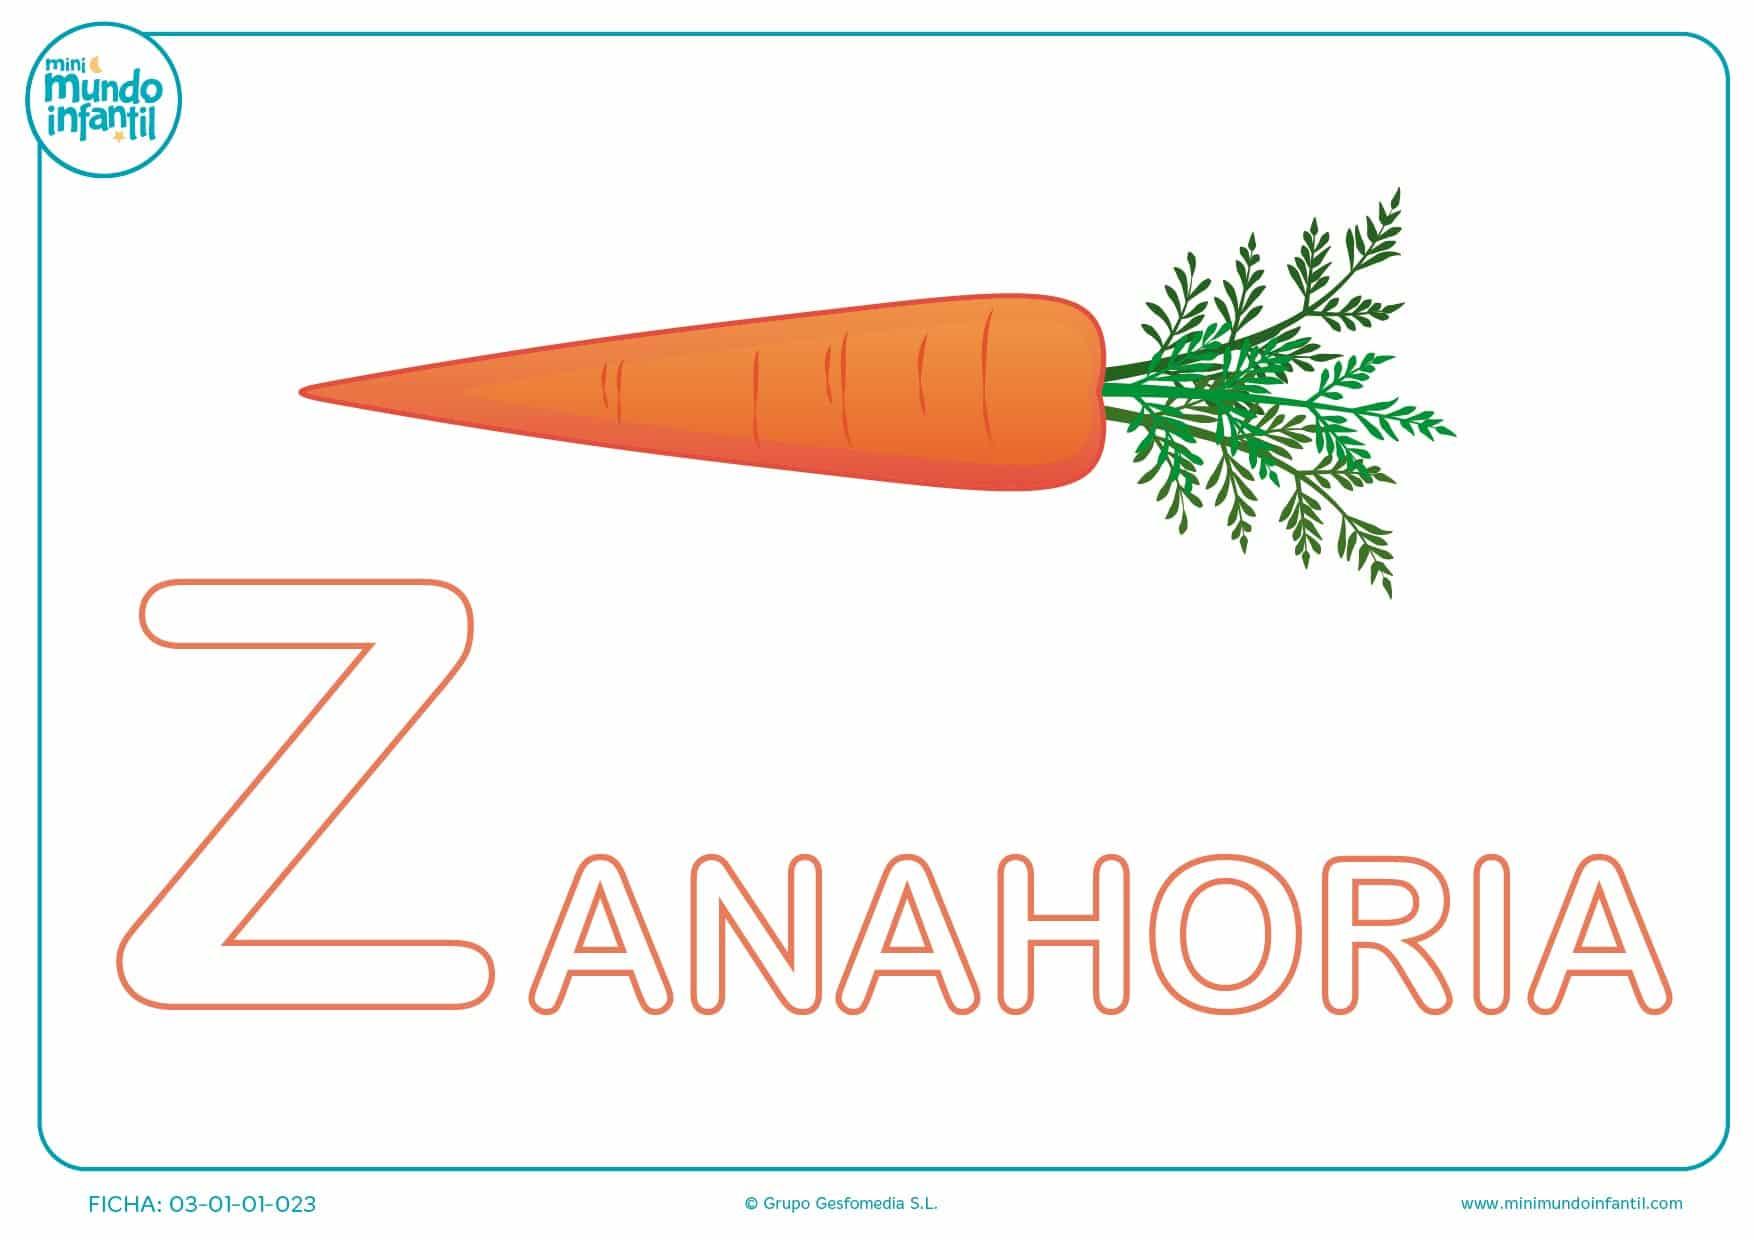 Letra Z mayúscula de zanahoria para rellenar